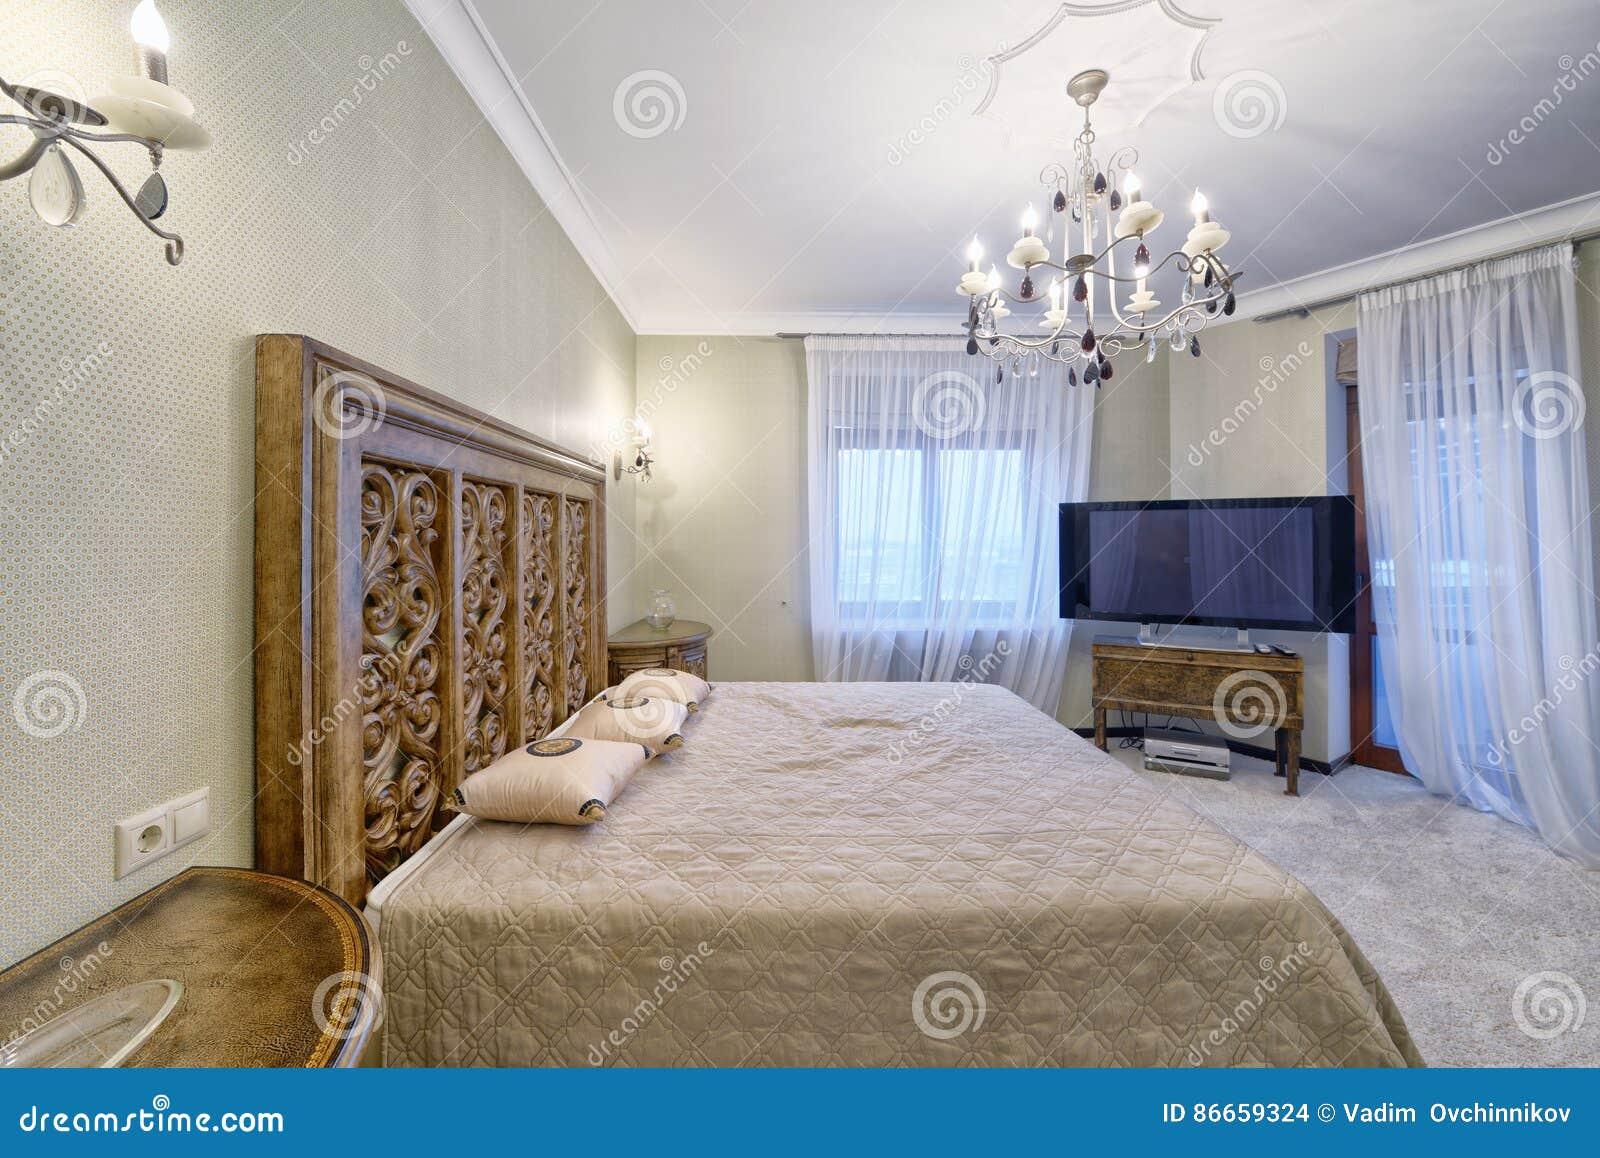 Camere Da Letto Di Campagna.Regione Della Russia Mosca L Interno Di Una Camera Da Letto In